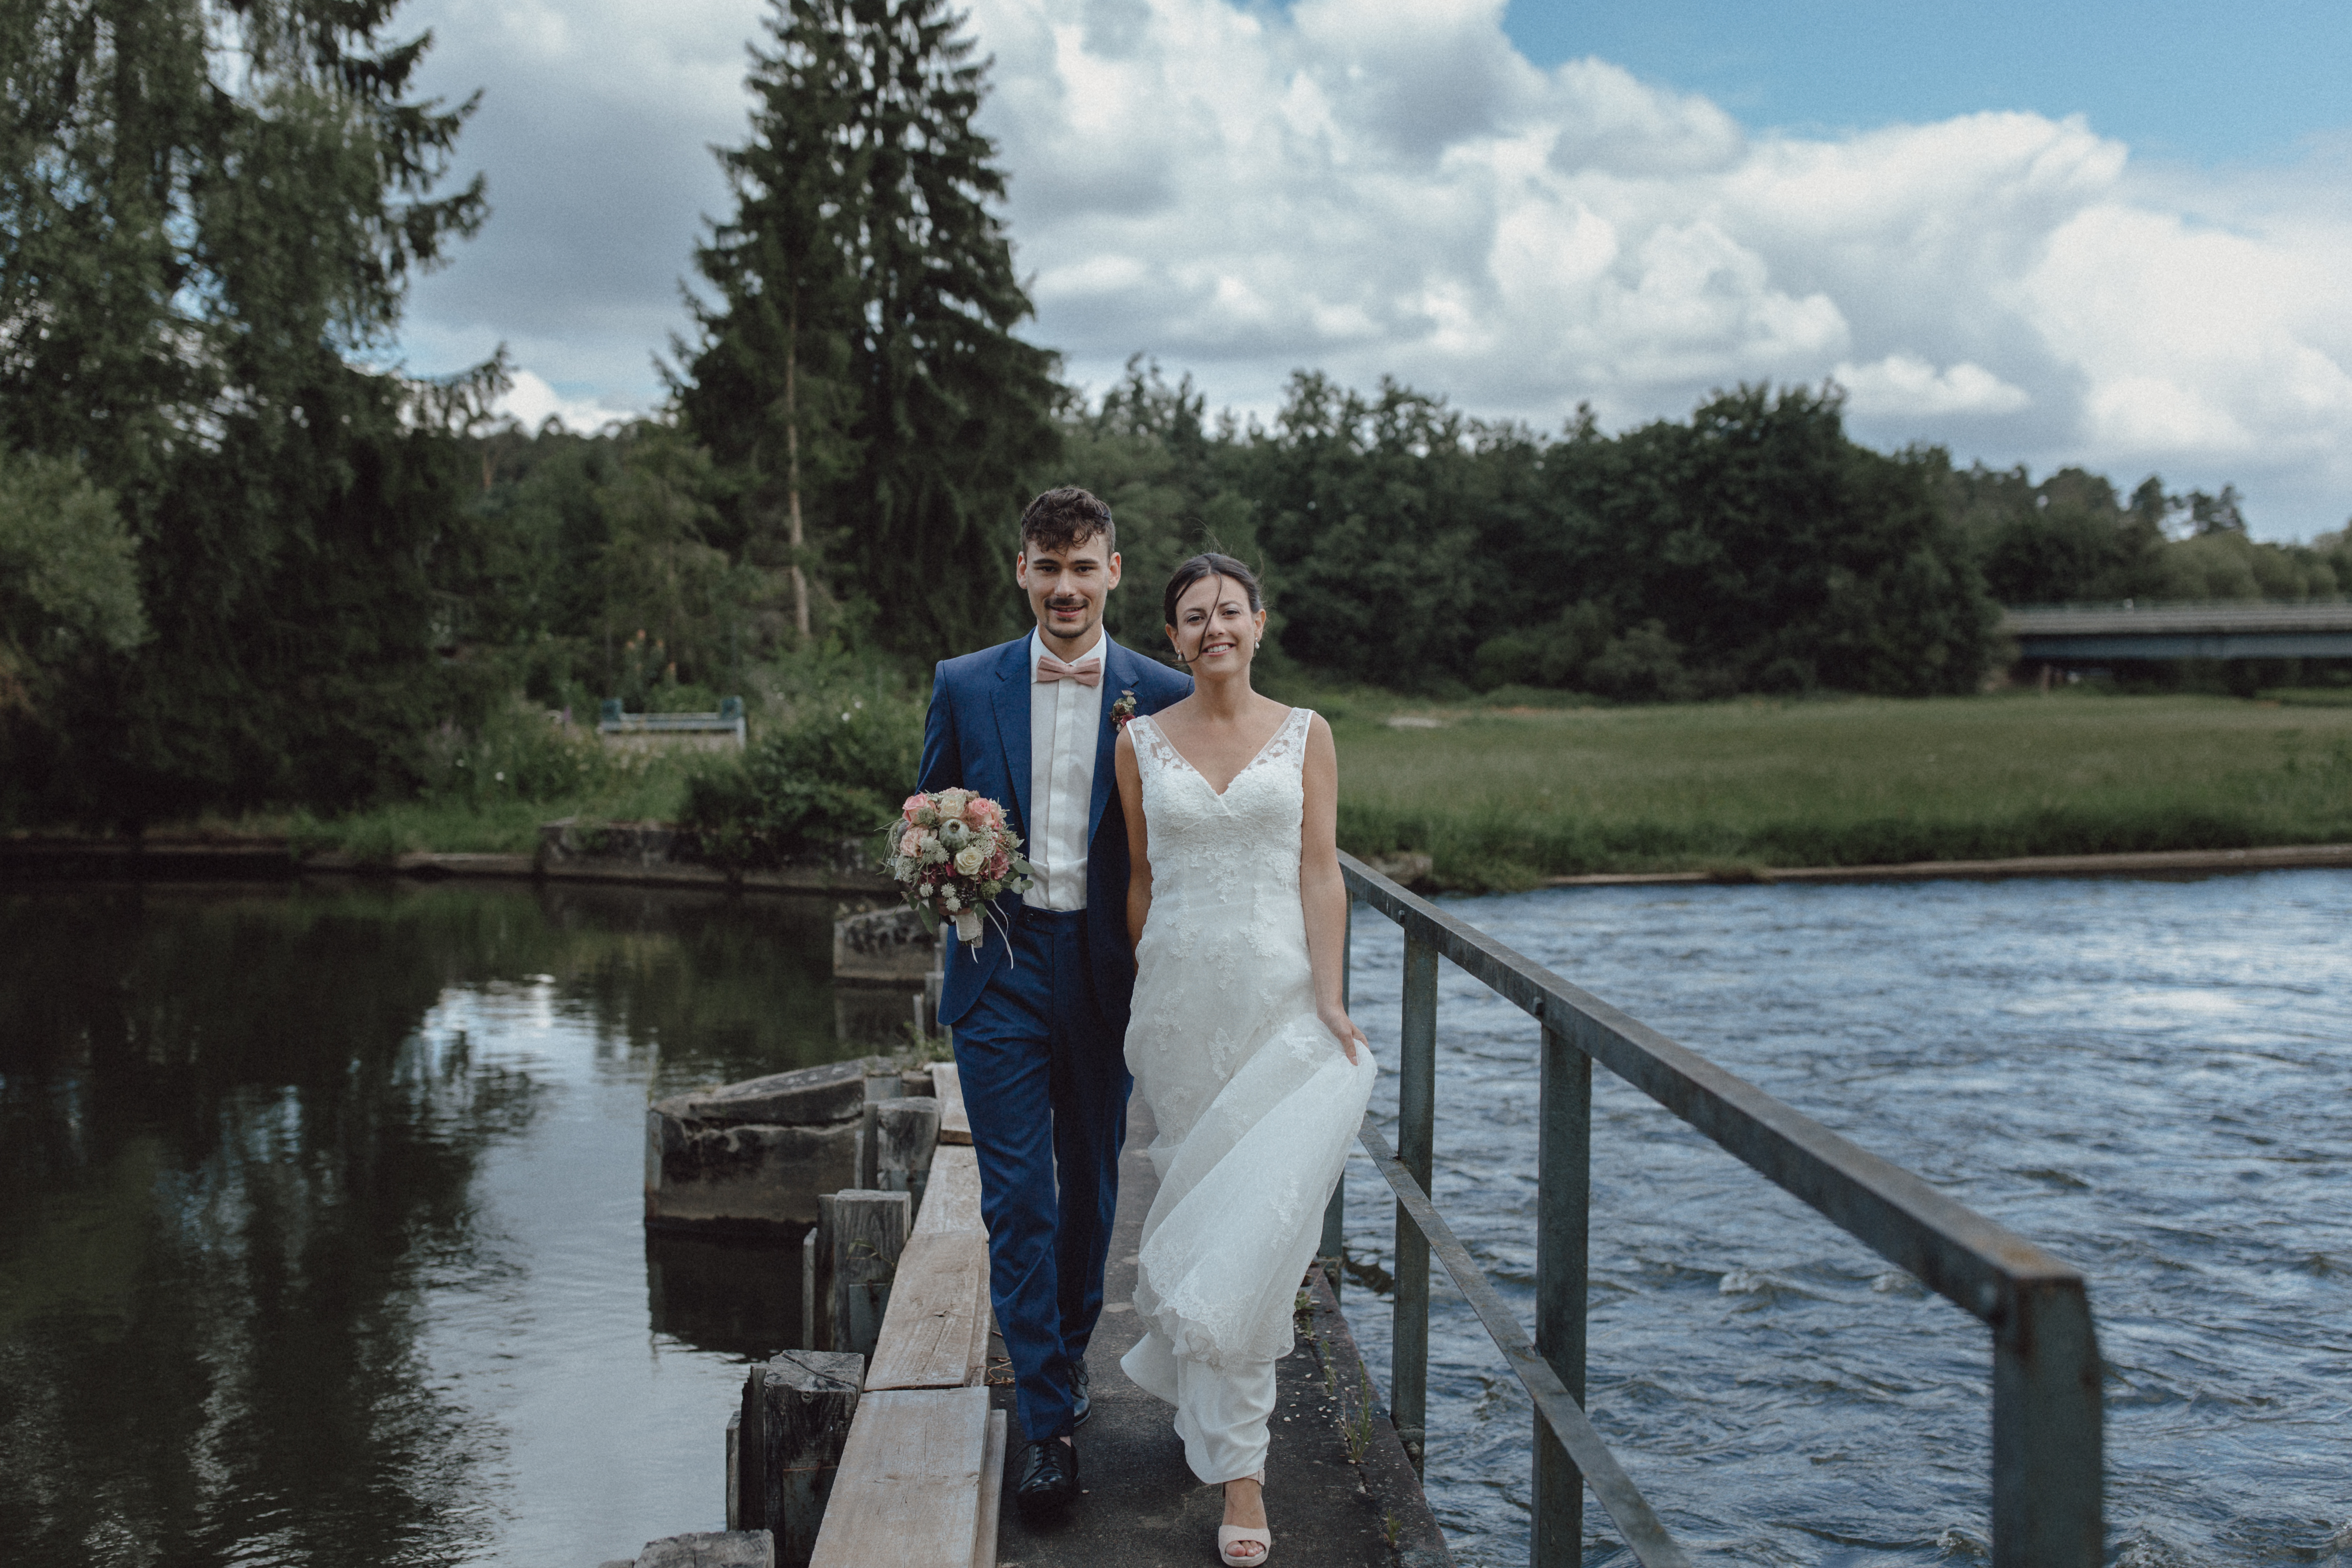 URBANERIE_Hochzeitsfotografin_Nürnberg_Fürth_Erlangen_Schwabach_170715_001_0027